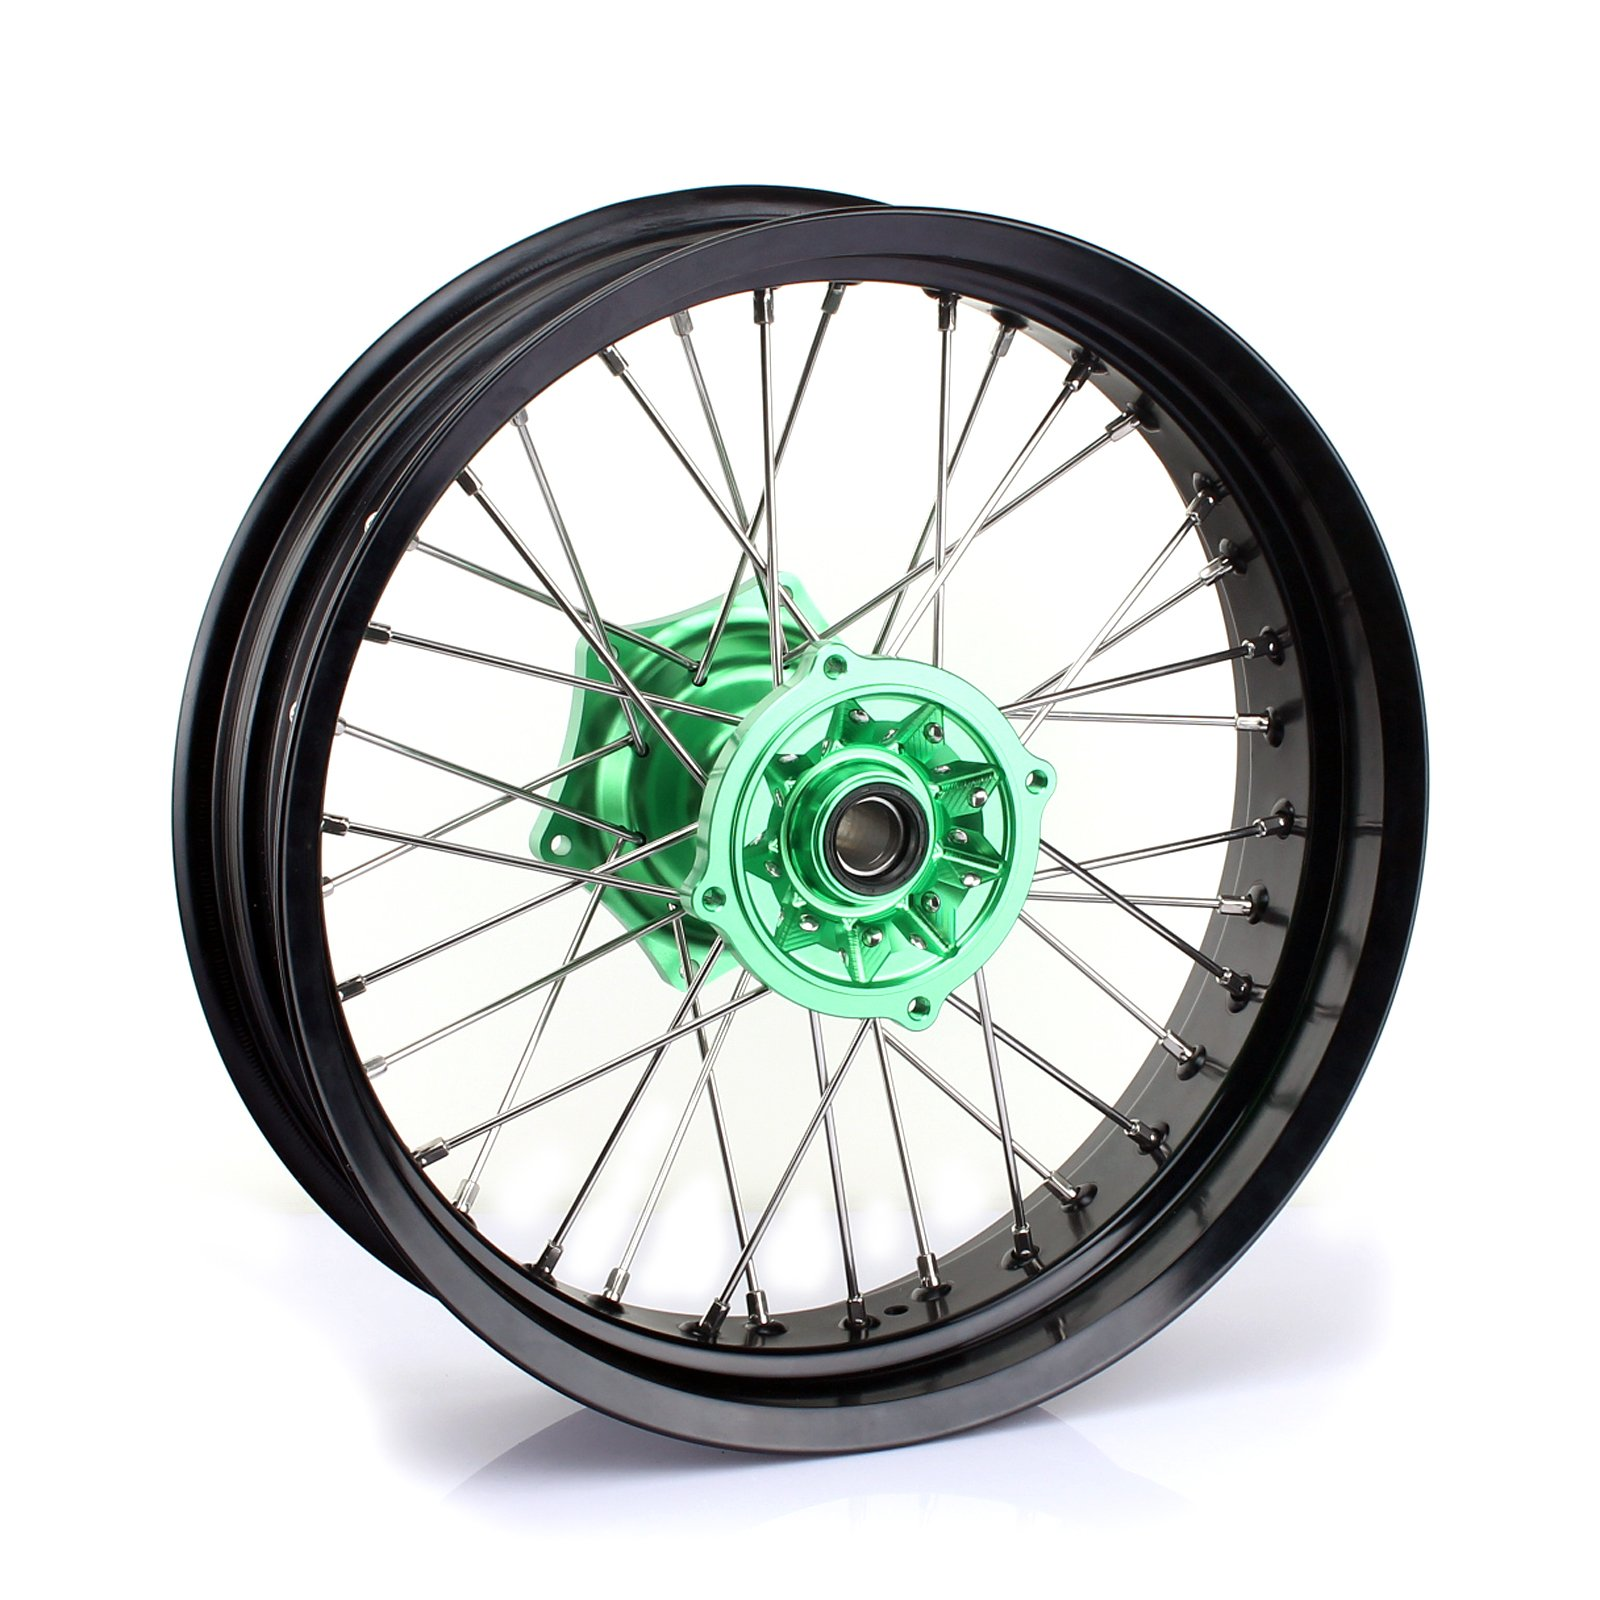 TARAZON 17 x 4.25 Supermoto Rear Complete Wheel Kit Black Rim Green Hub for Kawasaki KX125 KX250 2003-2013 KX250F 2004-2017 KX450F 2006-2017 klx450 2007-2013